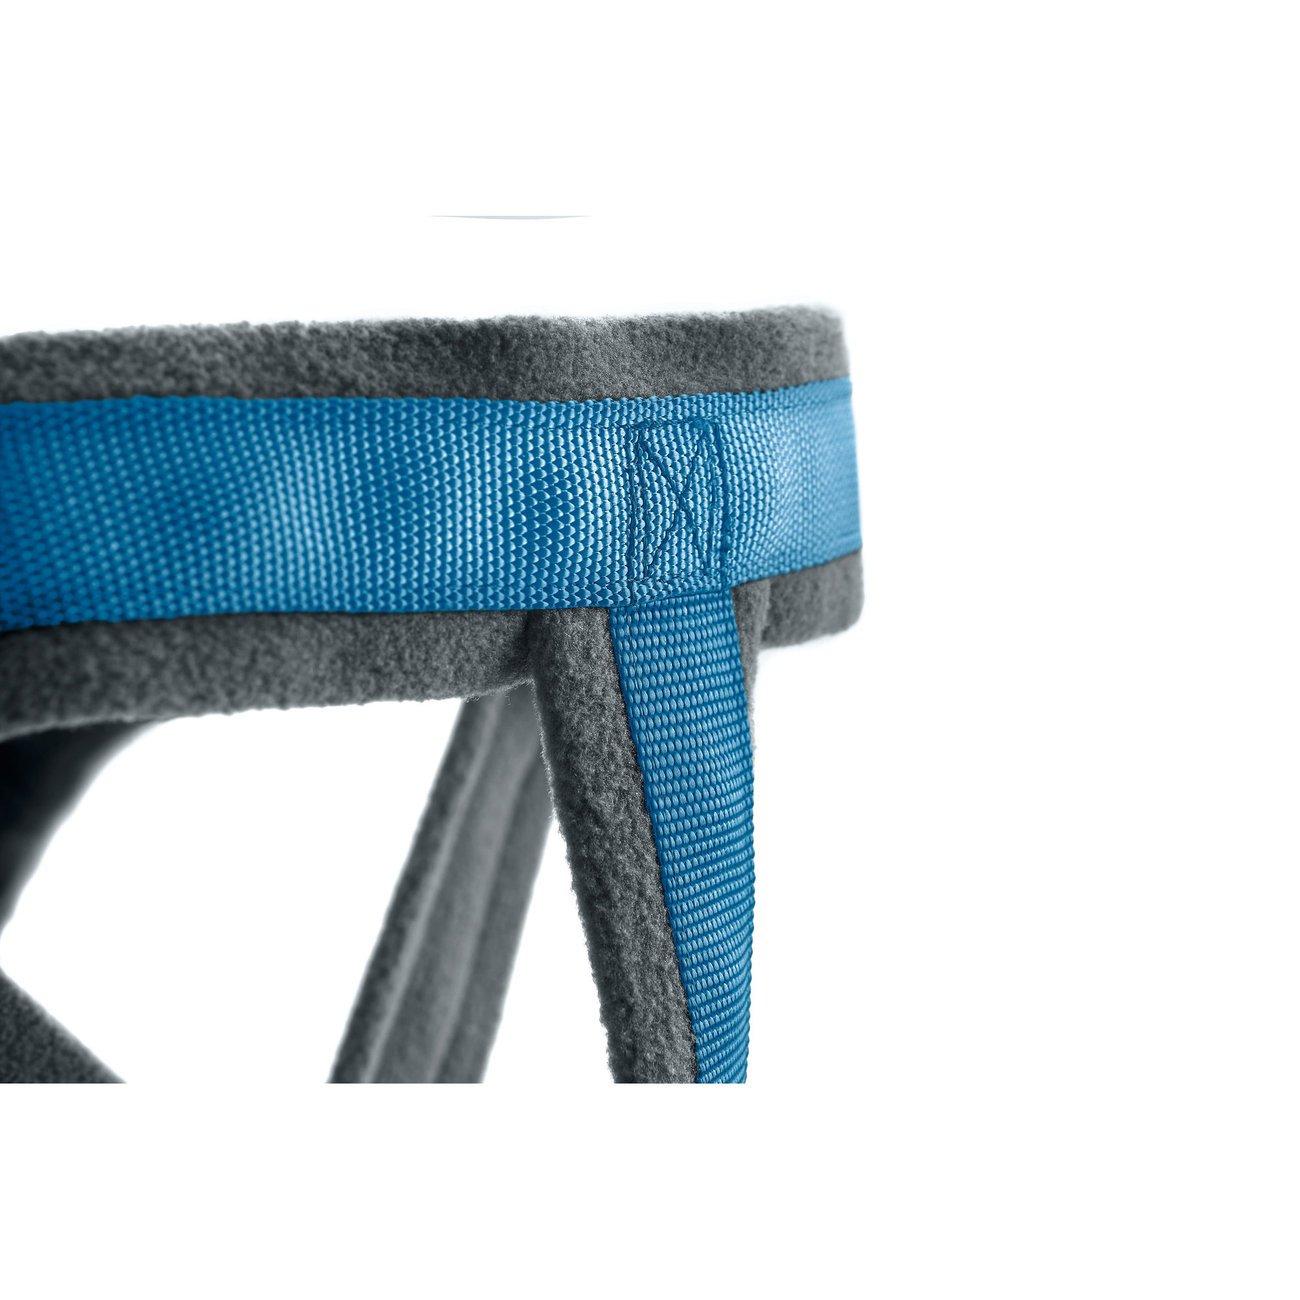 Hunter Hundegeschirr London Comfort 68084, Bild 21